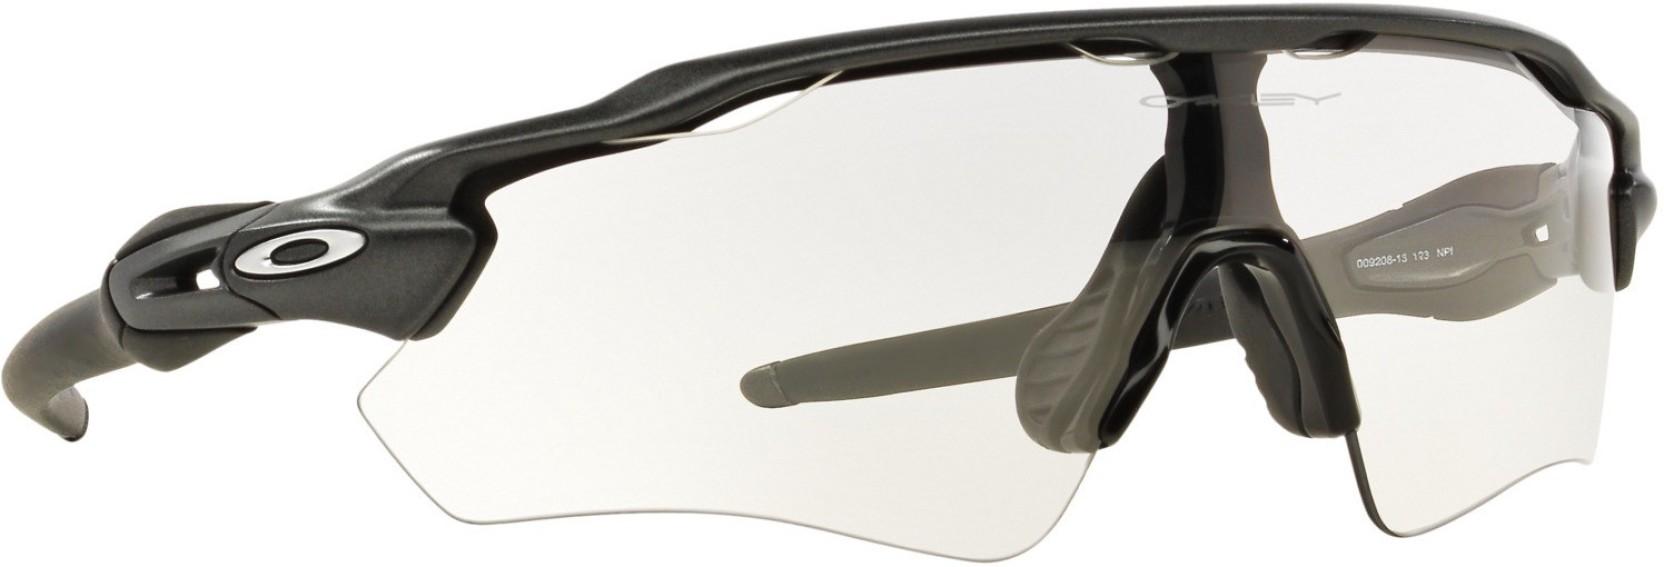 2d8a696019 Buy Oakley RADAR EV PATH Sports Sunglass Clear For Men Online   Best ...